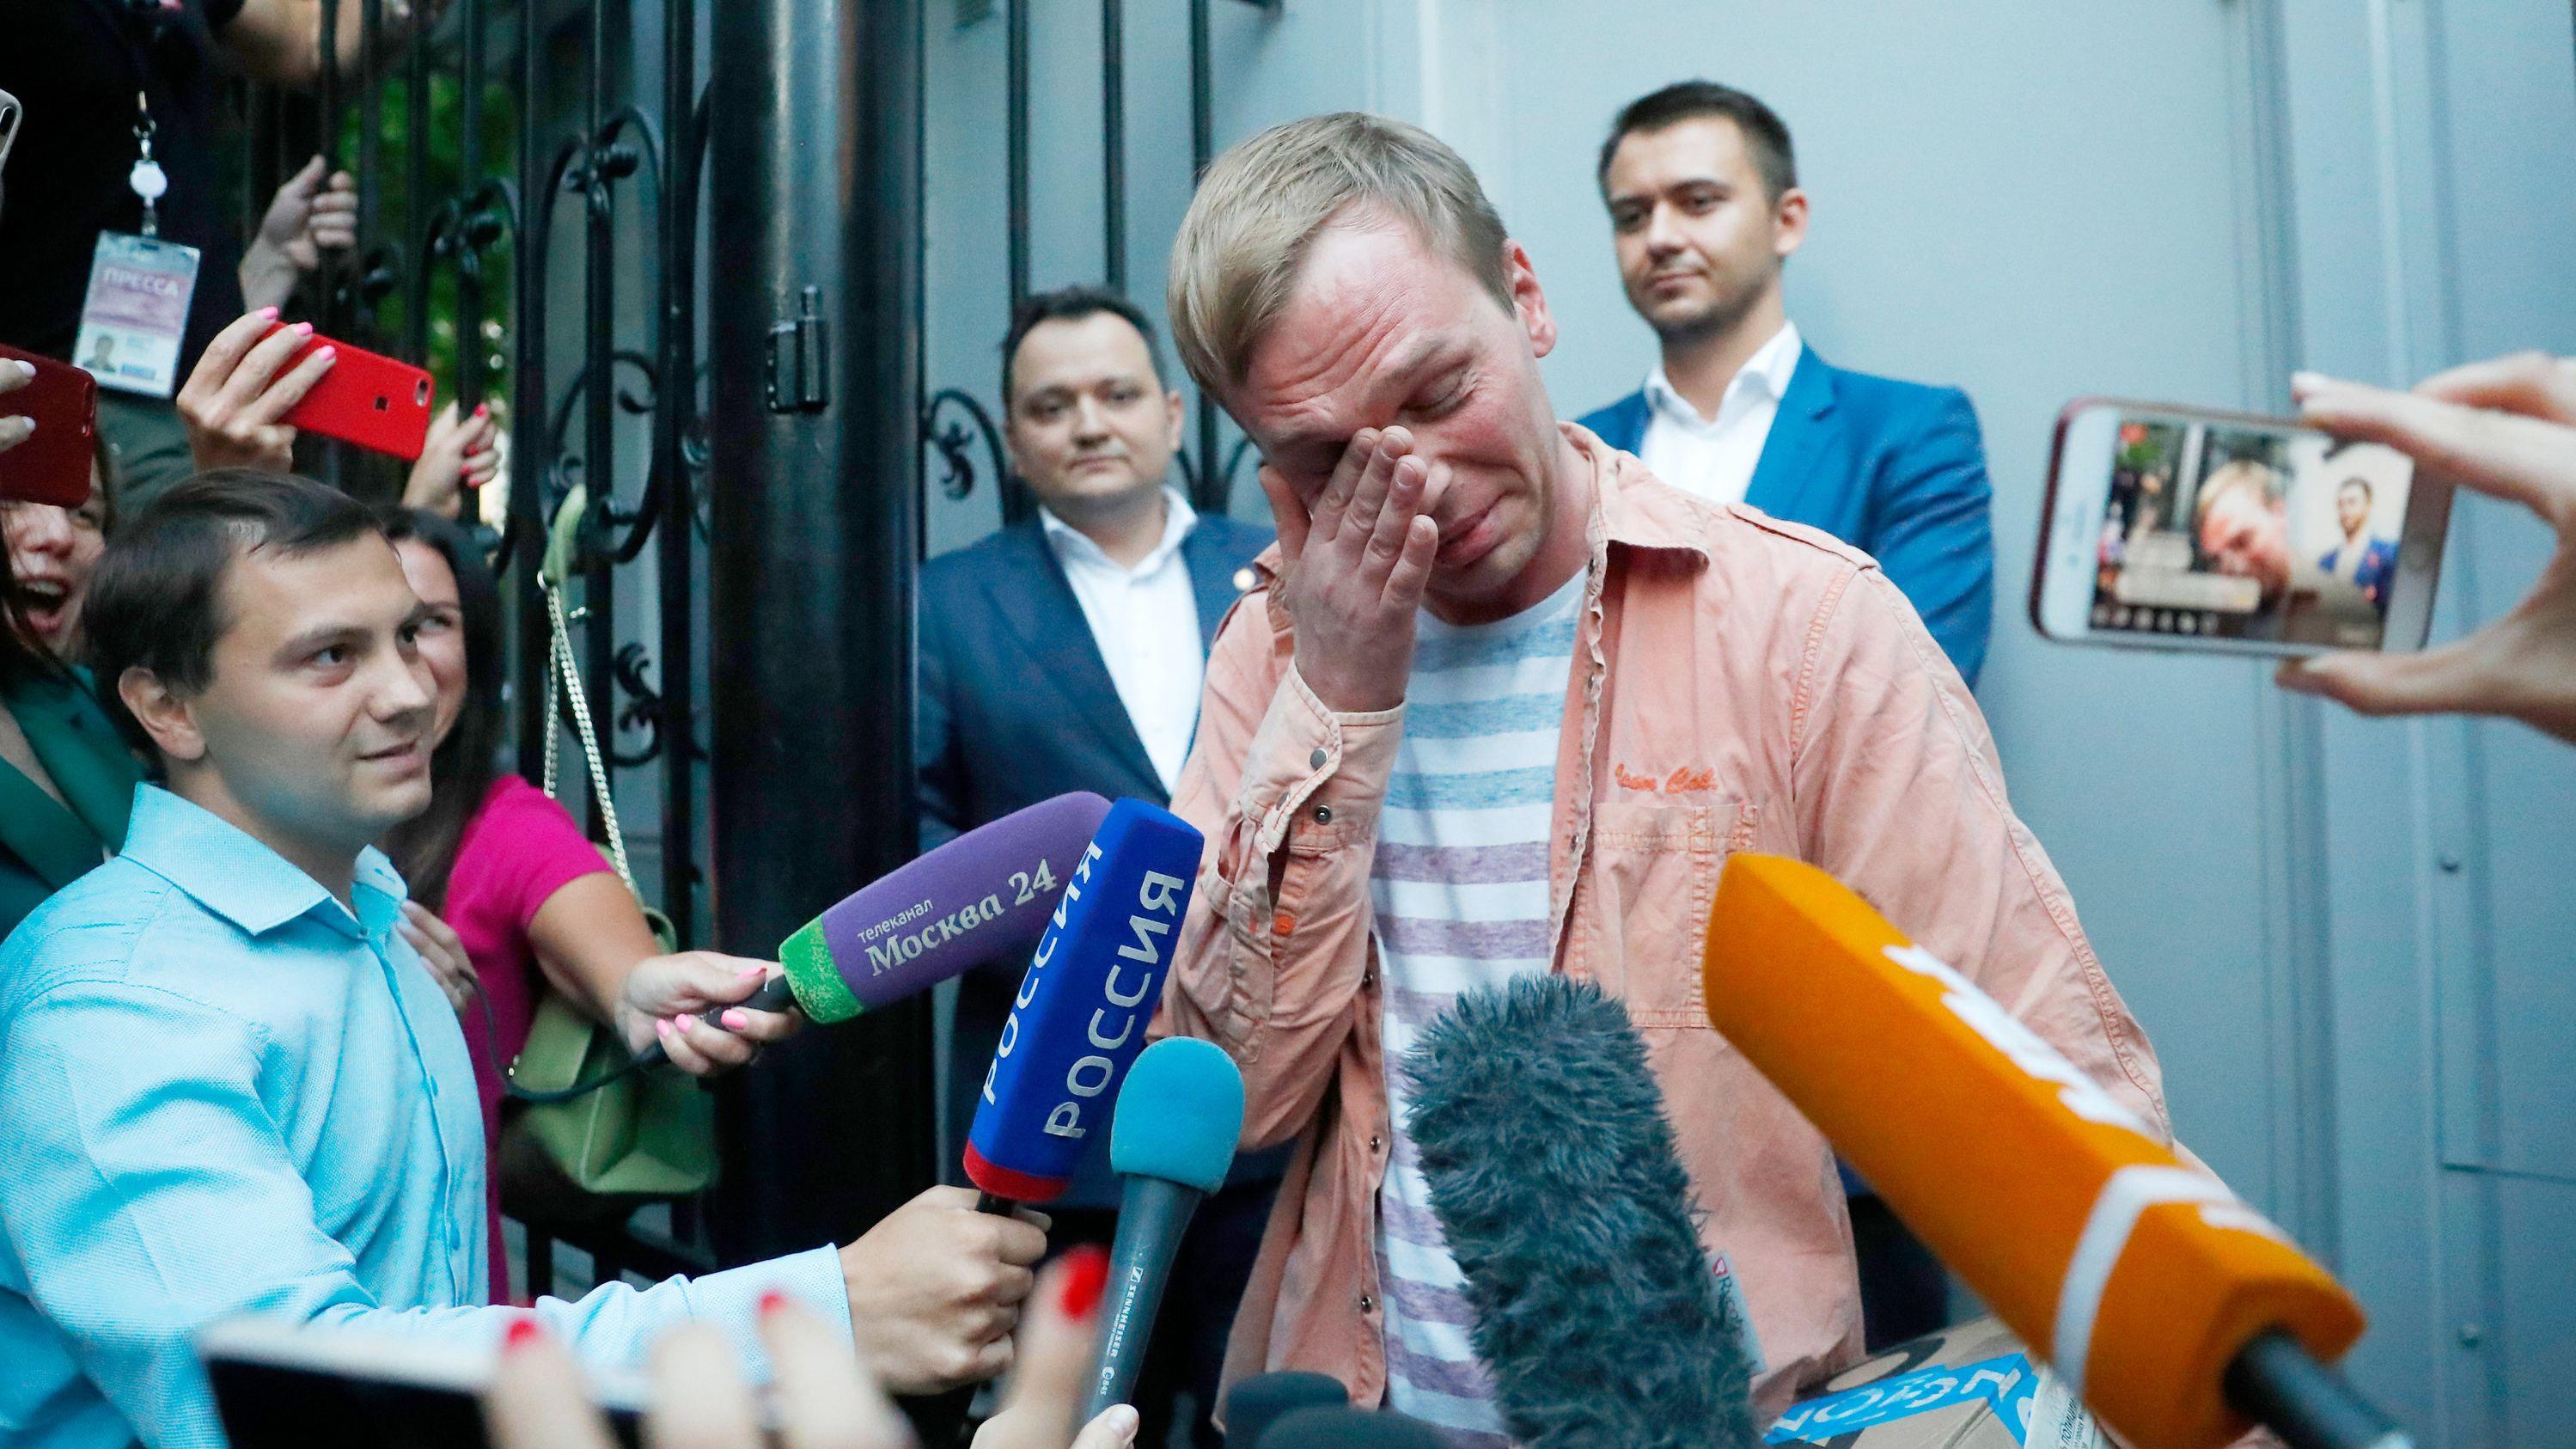 Der russische Journalist Golunow zeigt sich nach seiner Freilassung zu Tränen gerührt.